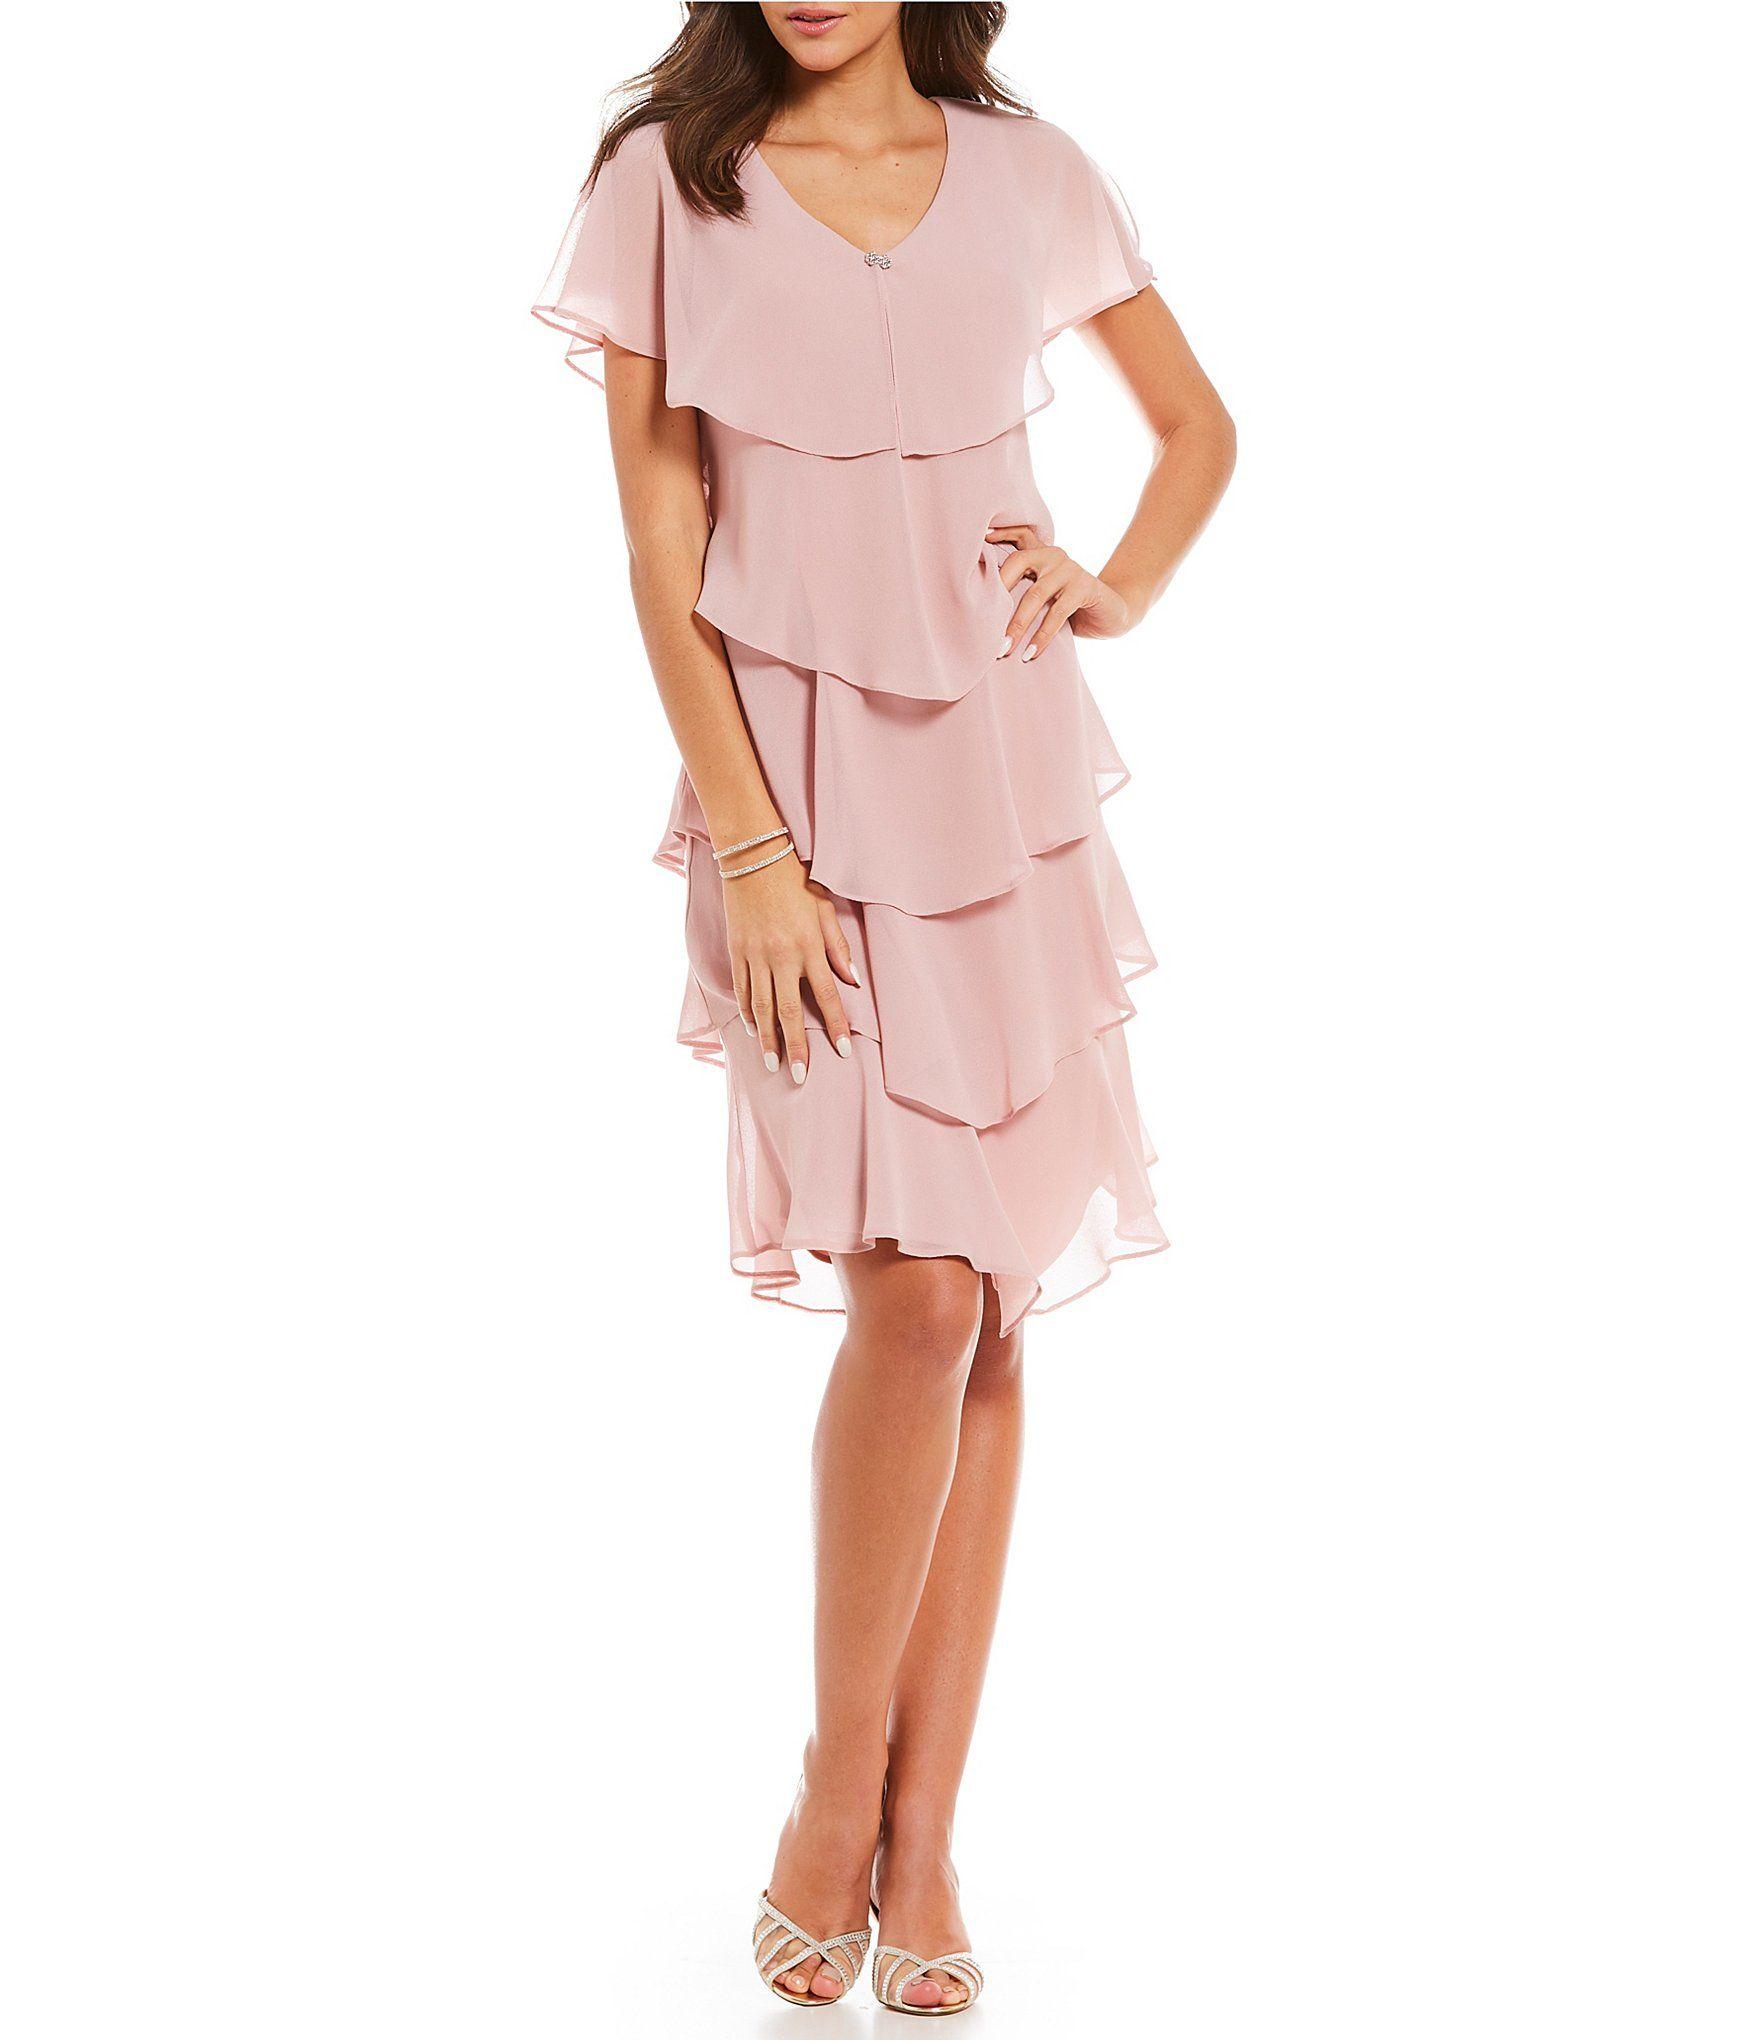 Moderno Dillards Dresses For Wedding Colección - Colección del ...